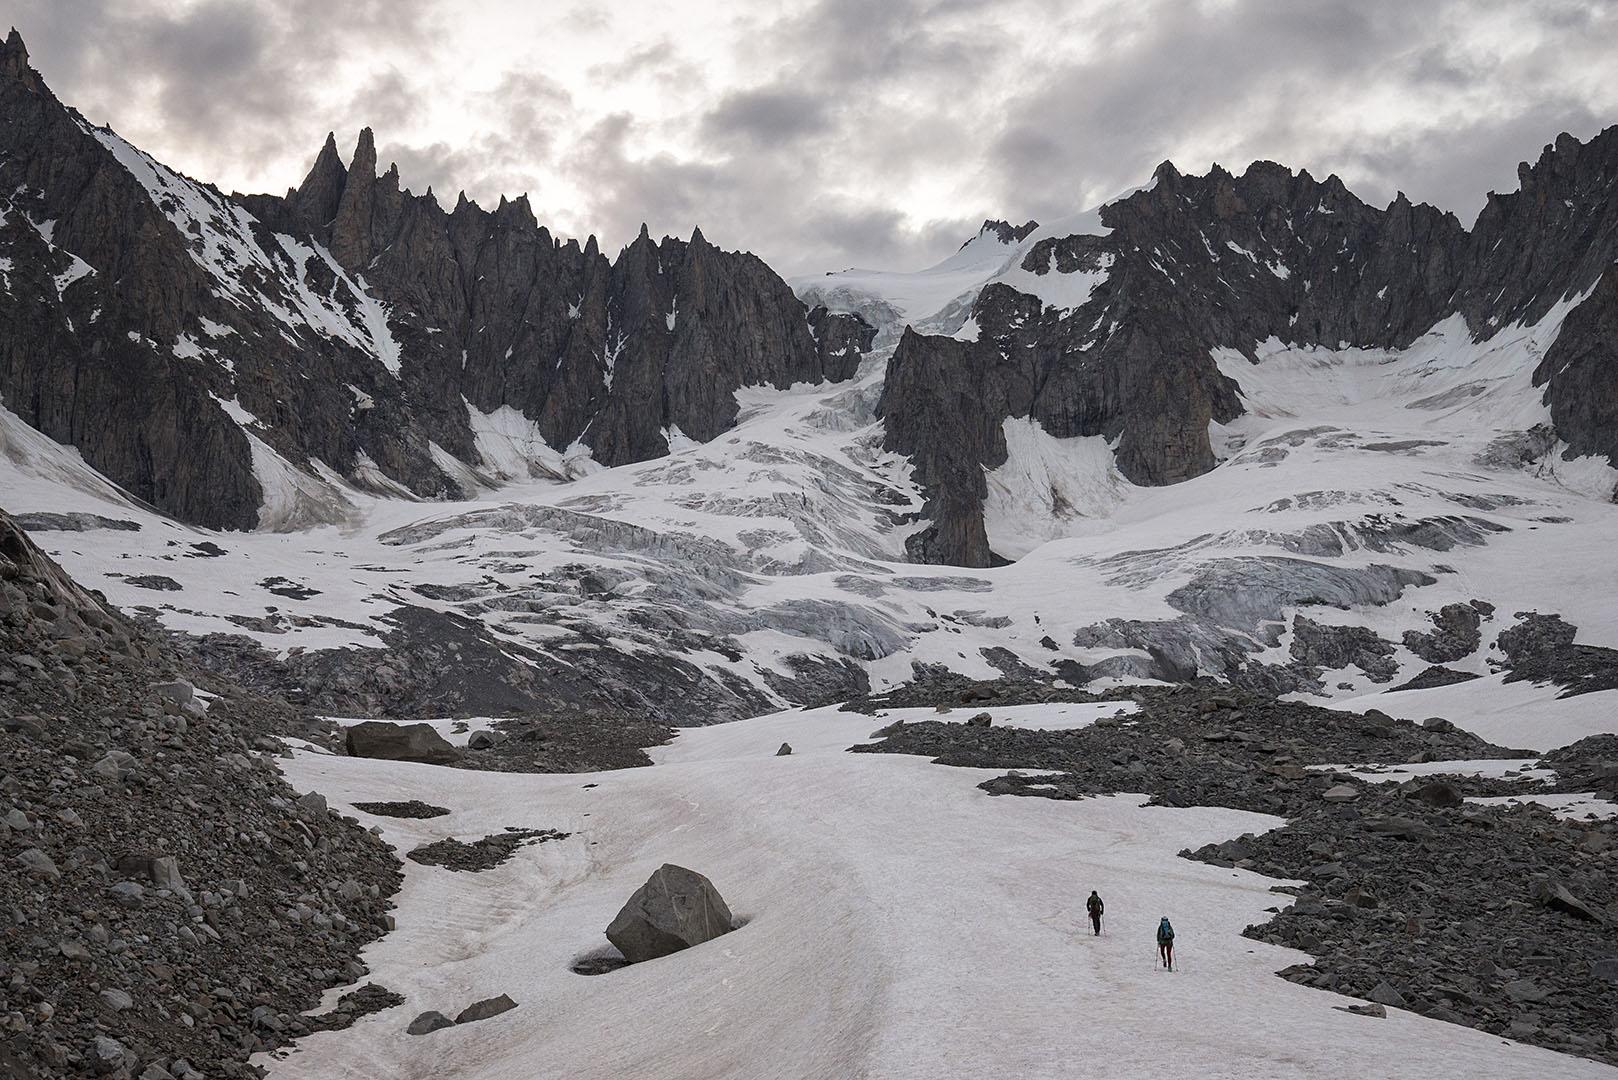 El templo de nuestro culto - Deportes y aventuras - Inaki Larrea, Nature and mountains Photography